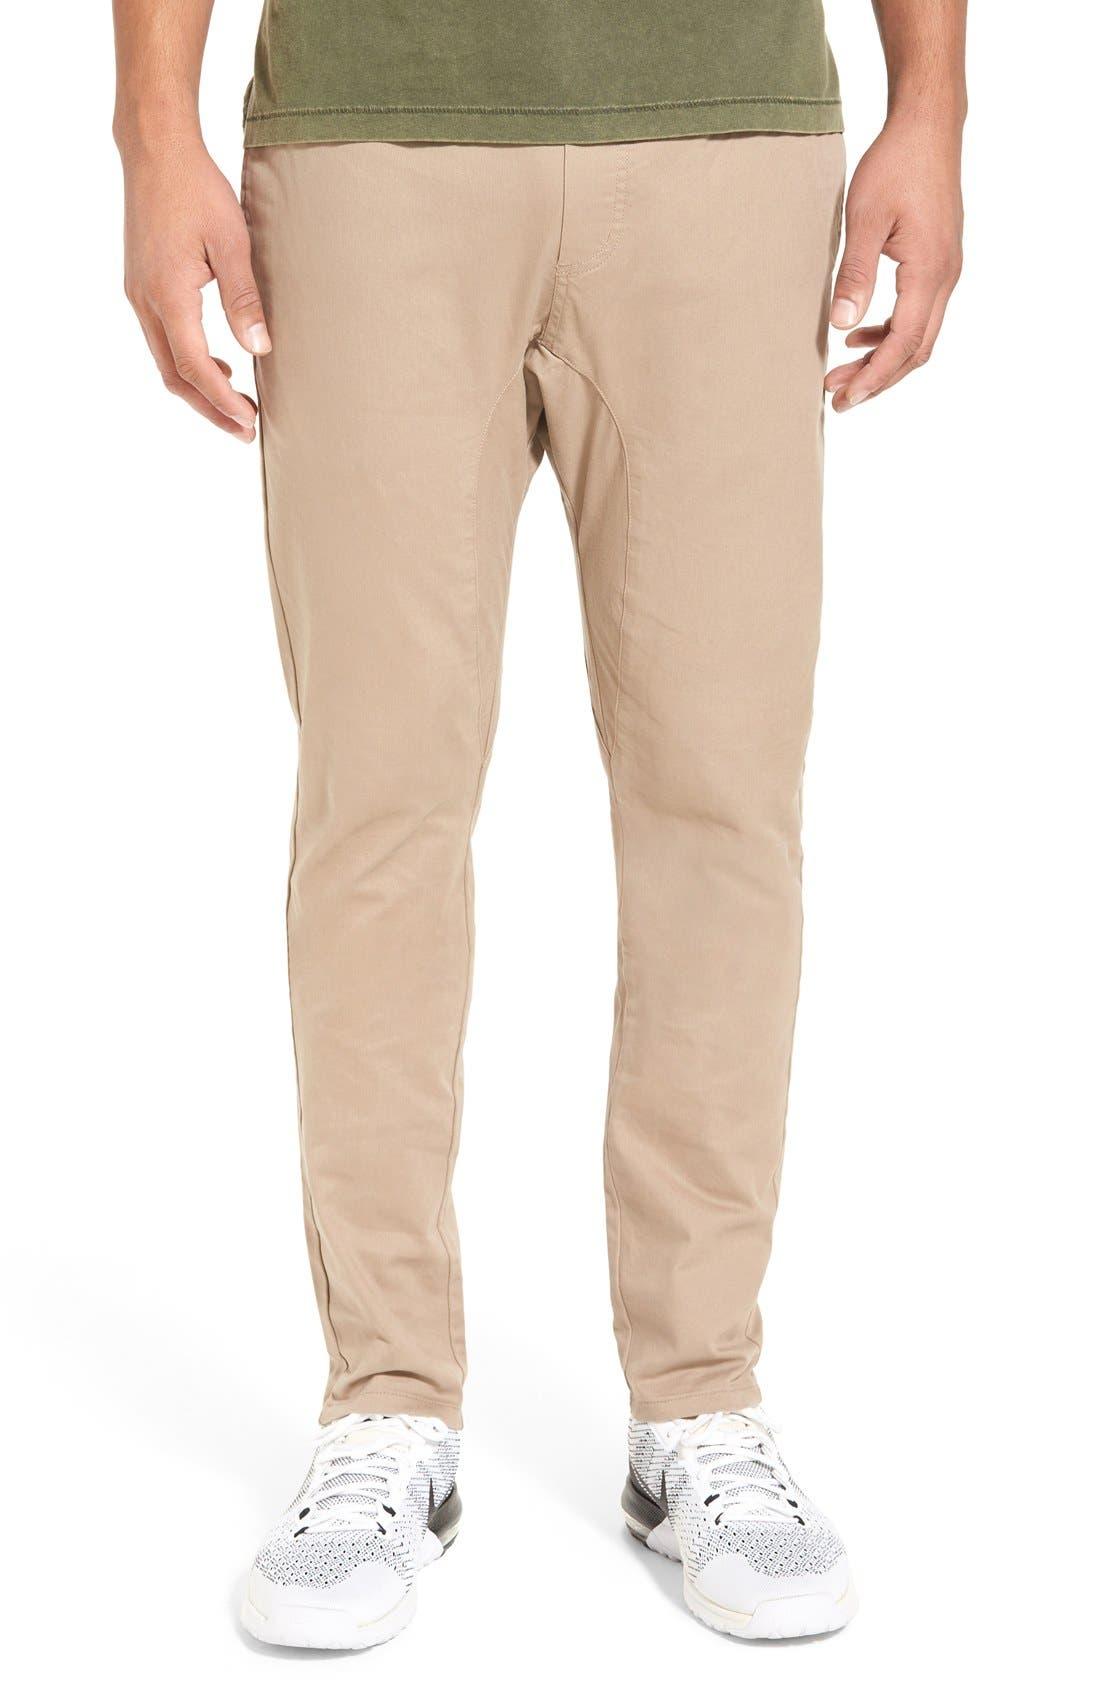 'Salerno' Chino Jogger Pants,                         Main,                         color, Tan